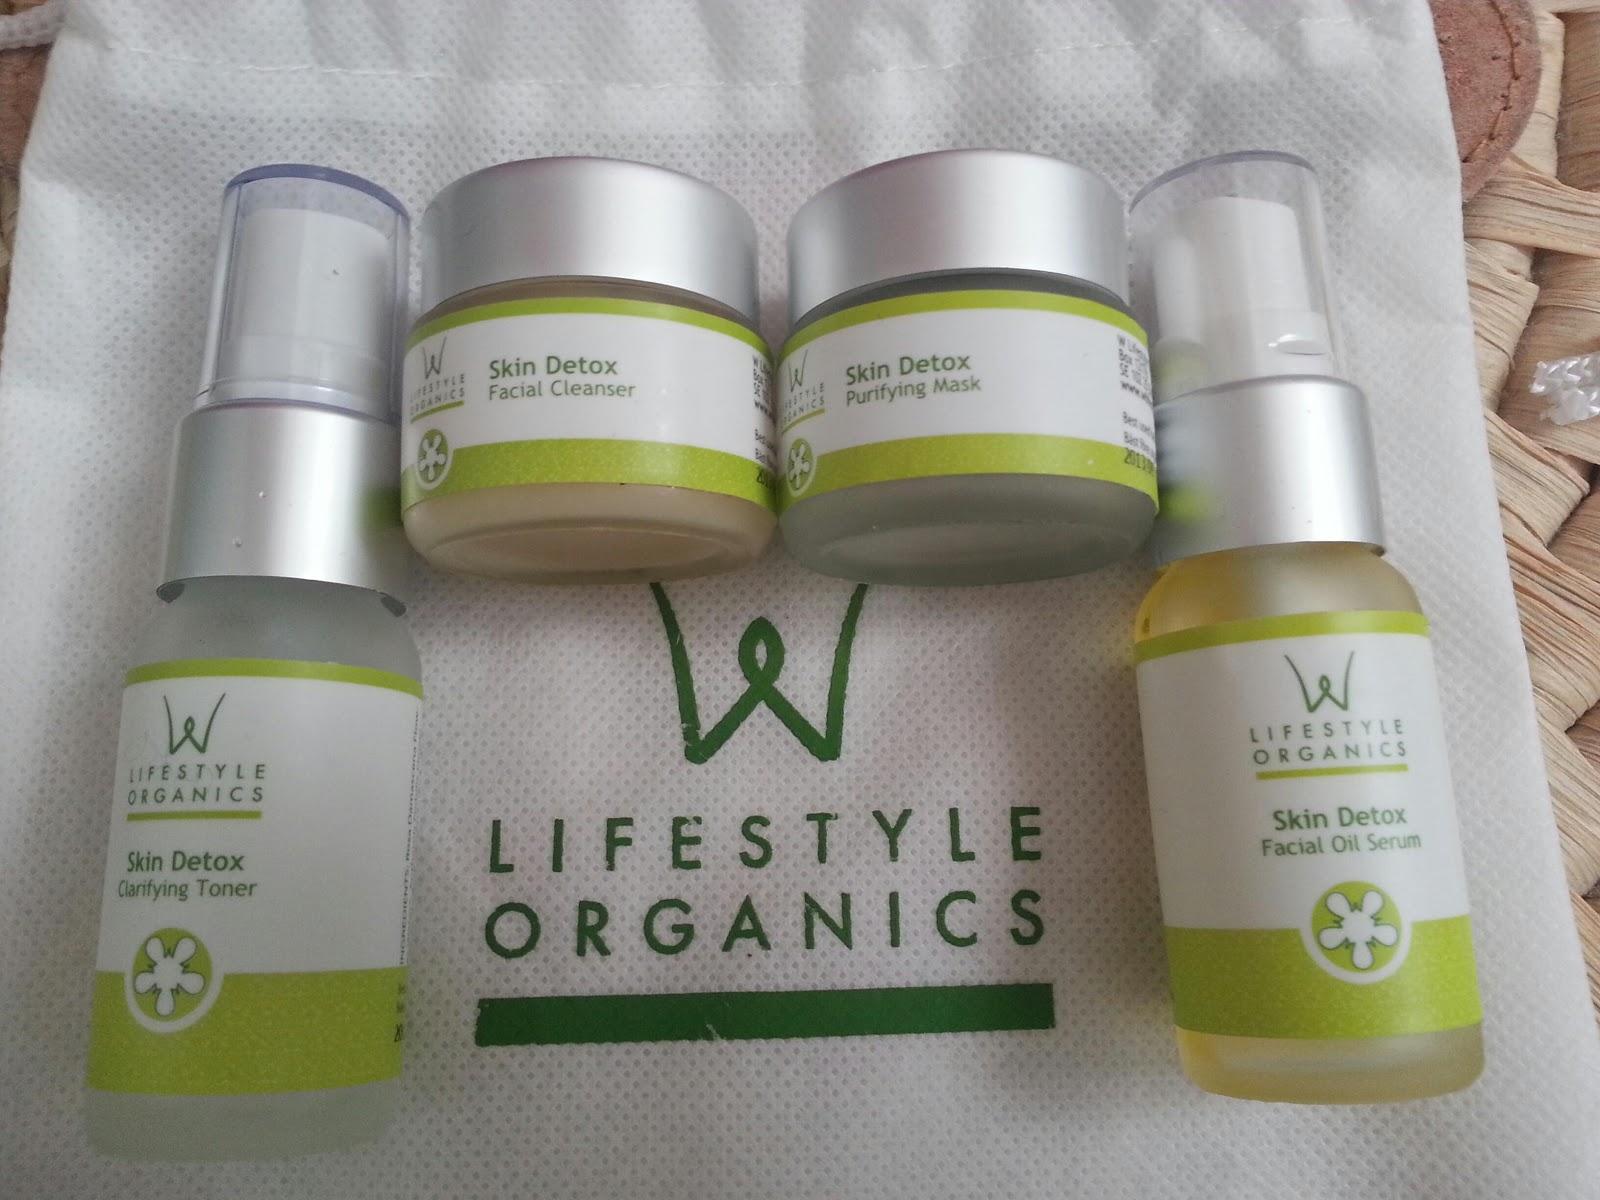 Cose belle dal mondo w lifestyle organics for Cose belle dal mondo